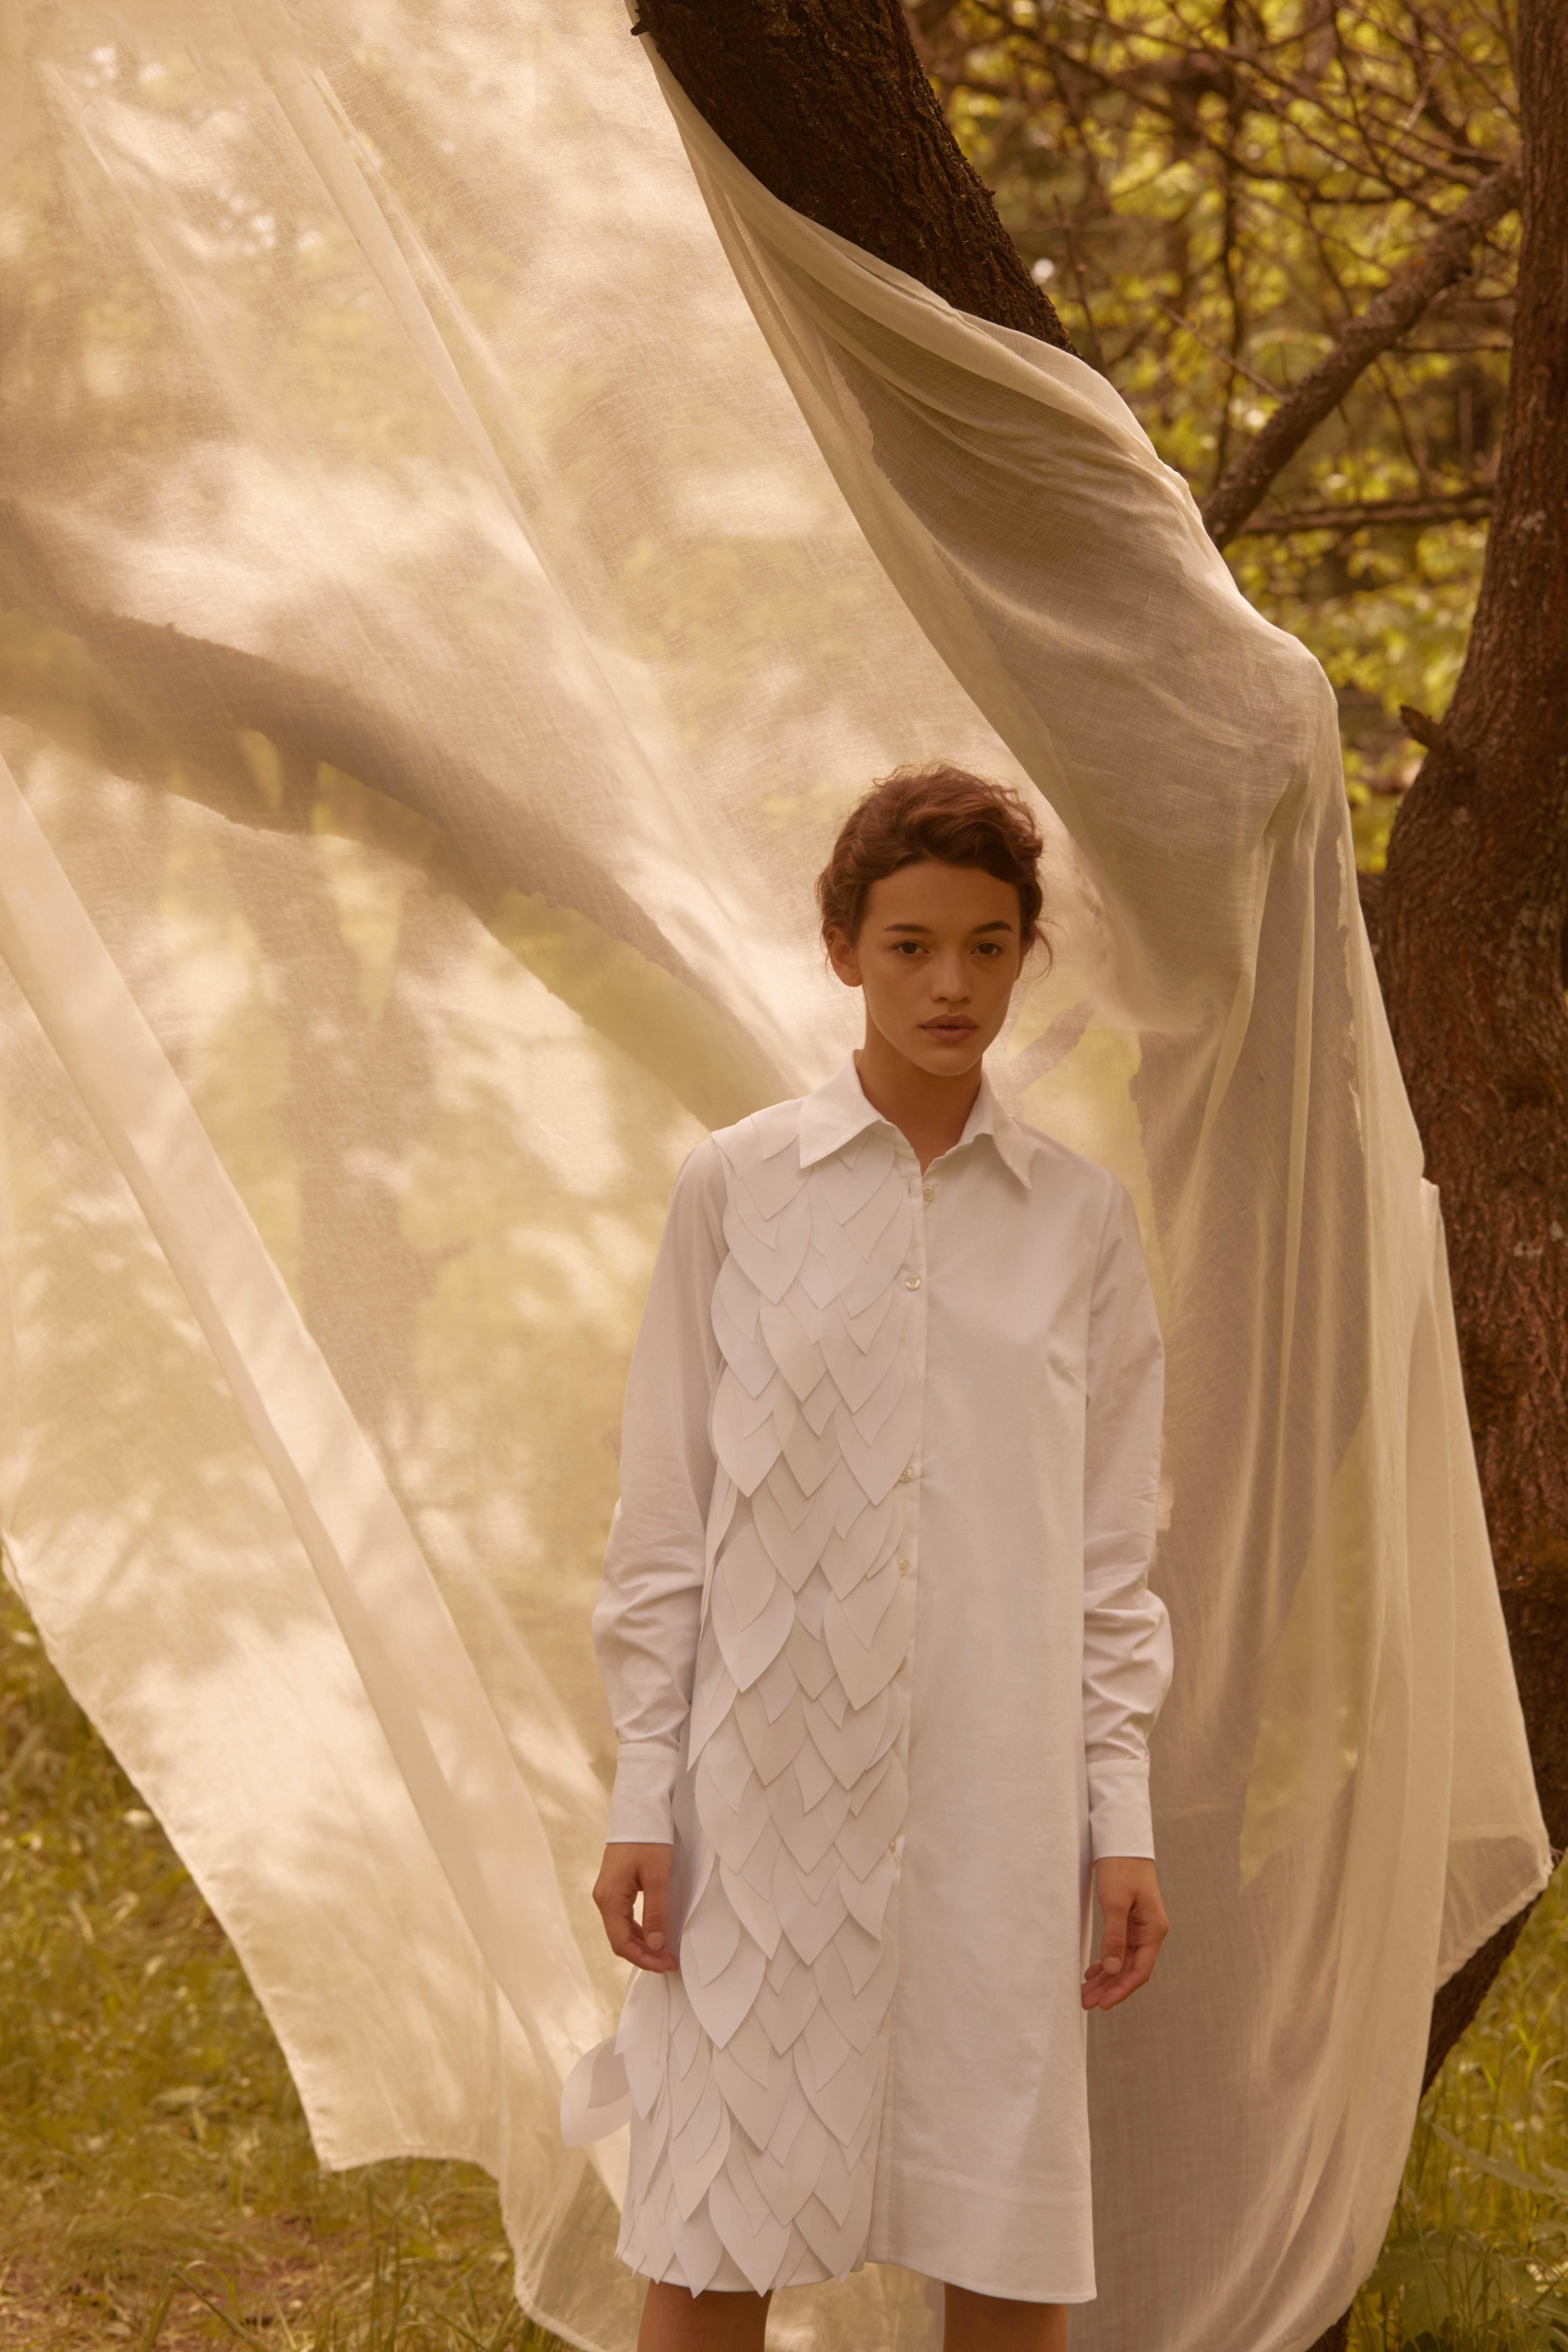 Лесная песня, лилия и образ Мавки в новой коллекции - Total White x SHUSHAN 3